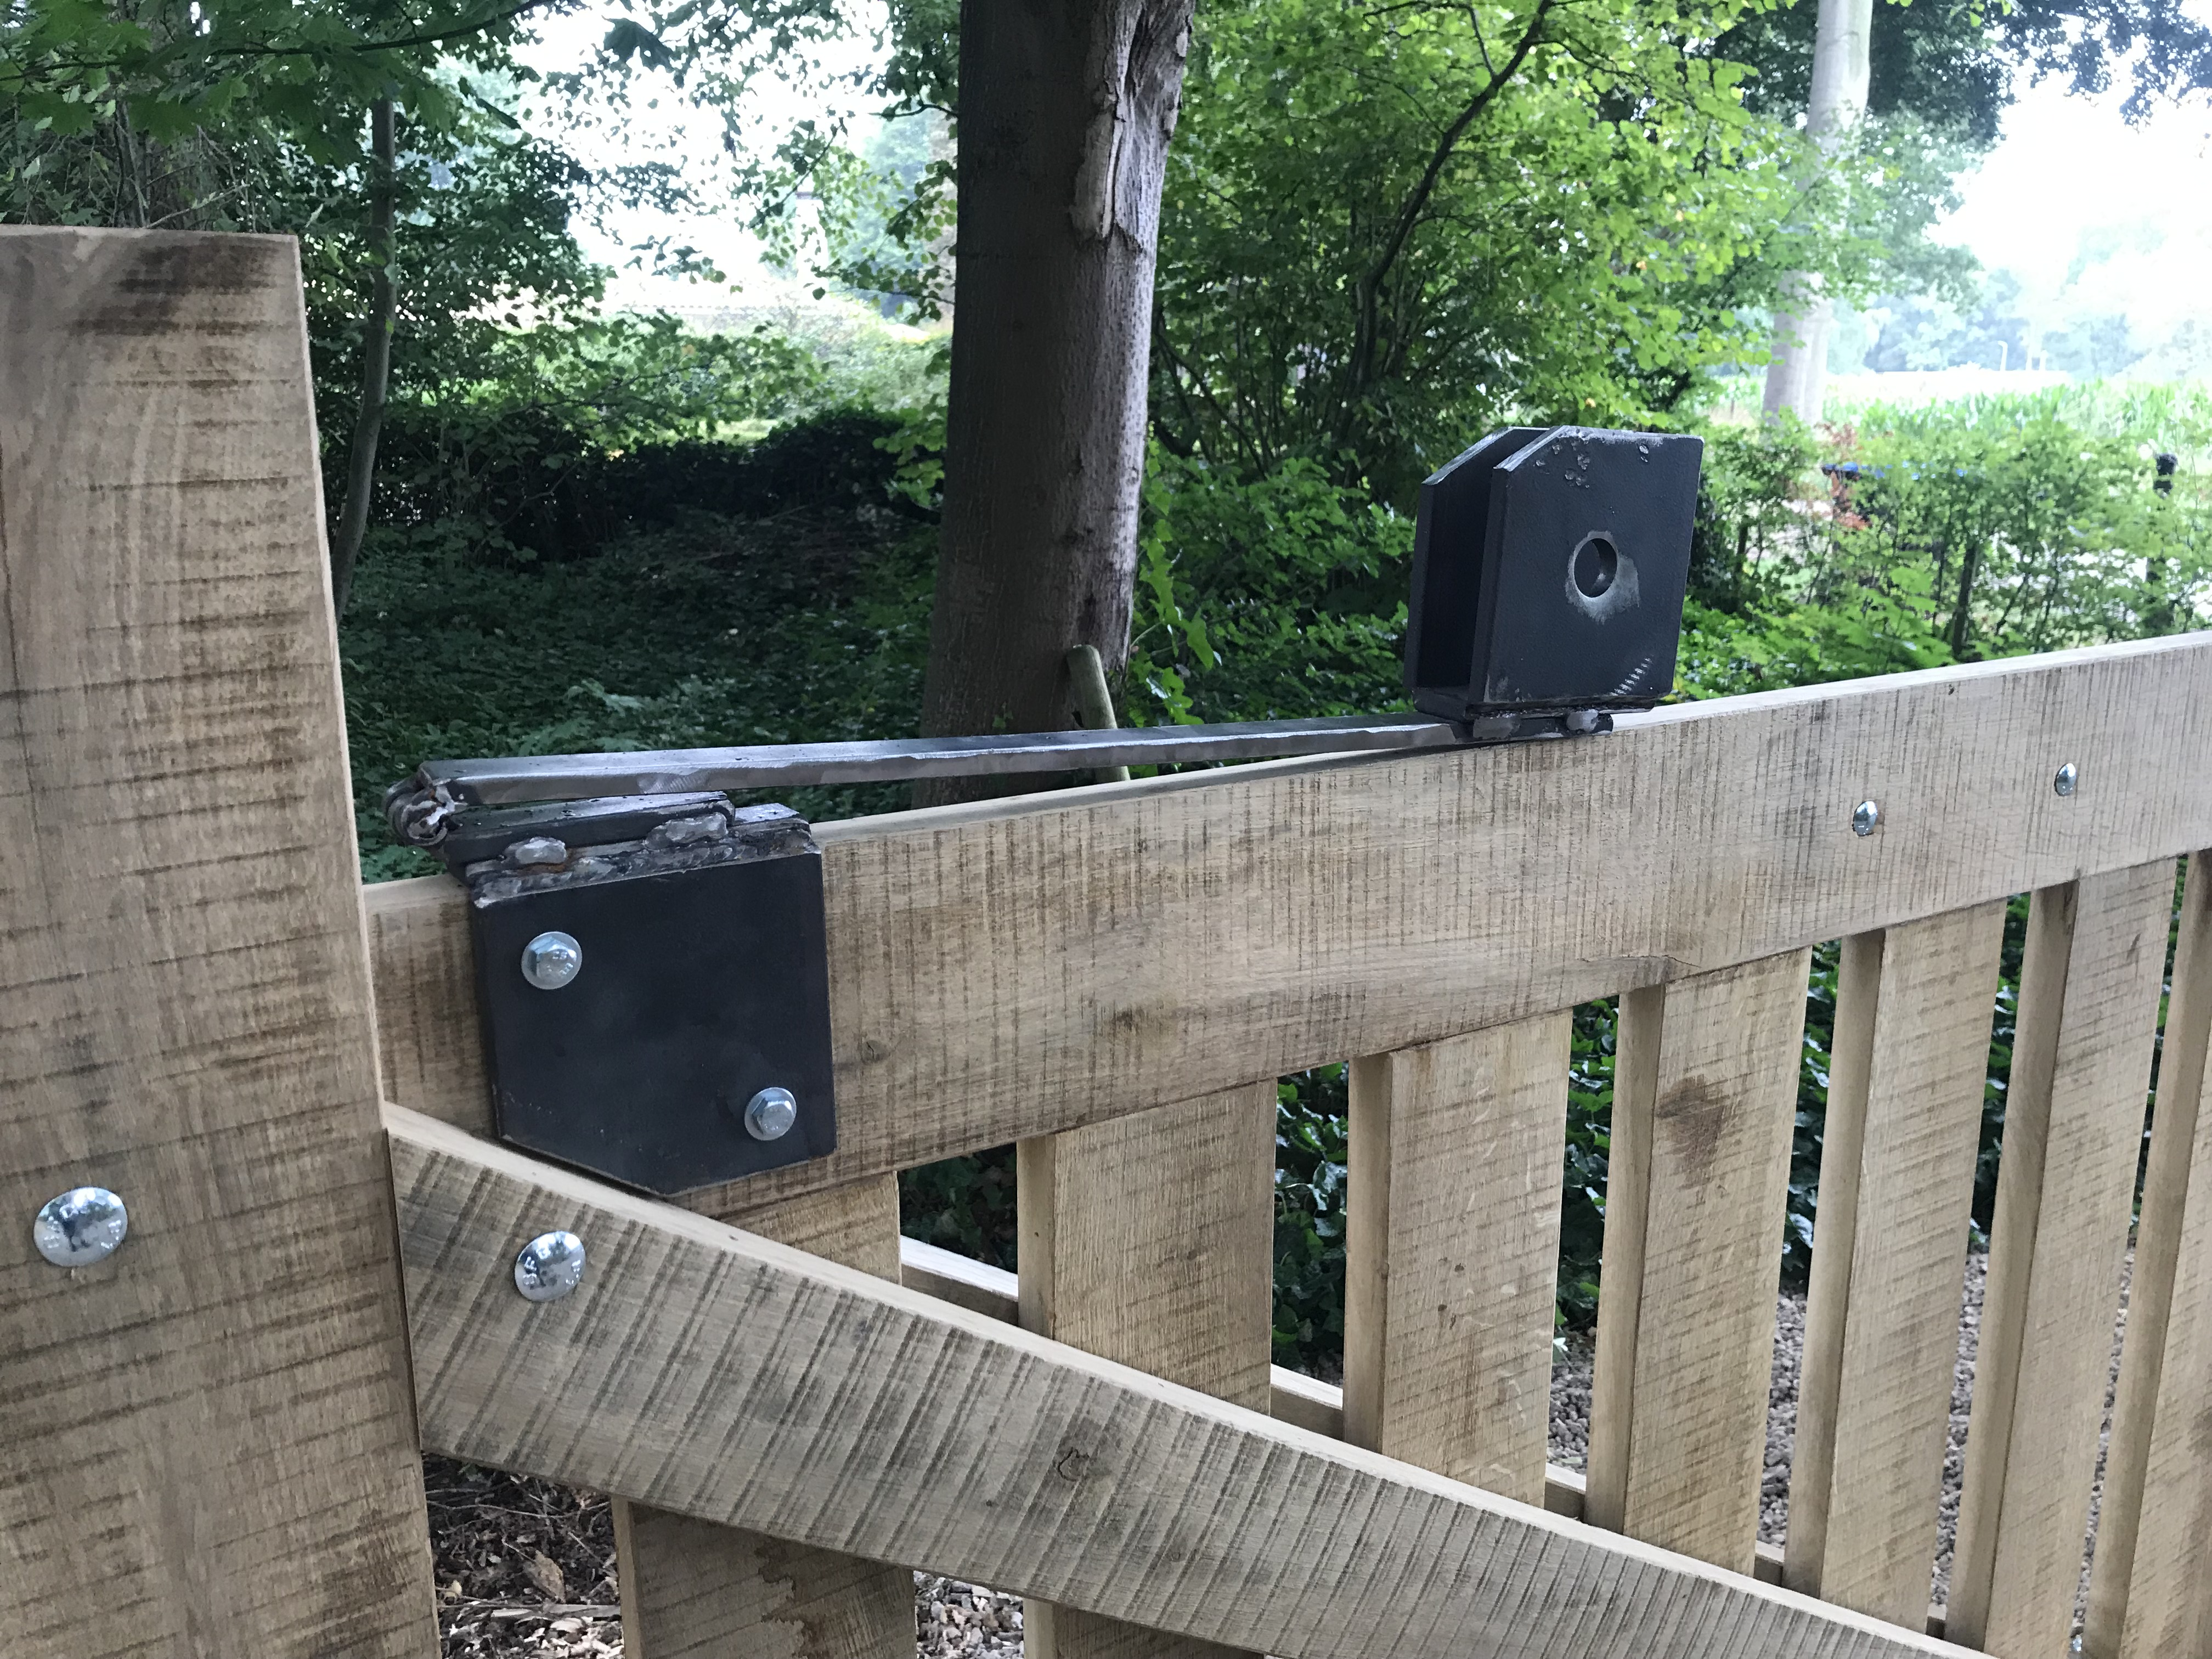 houten poort, omgevallen eik, Doetinchem, Giesen Architectuur, vakwerk, reuse, recycle, upcycle, lokaal